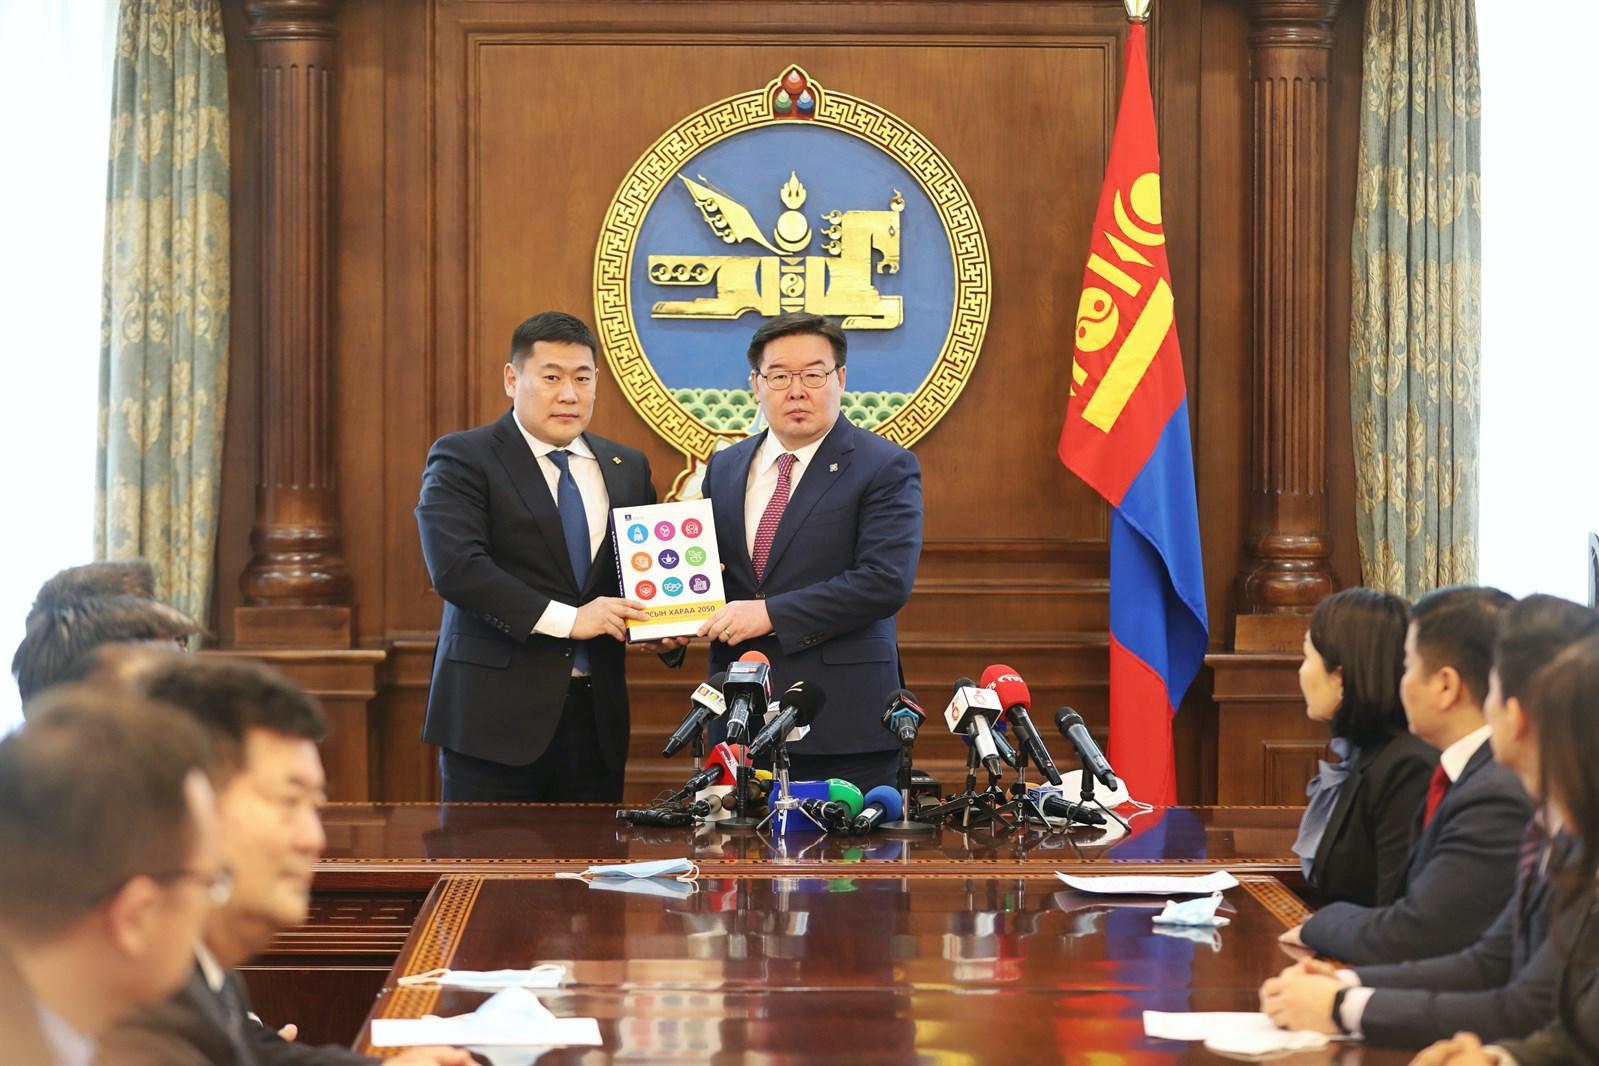 """""""Алсын хараа 2050"""" Монгол Улсын урт хугацааны хөгжлийн бодлогын баримт бичгийн төслийг өргөн барилаа"""